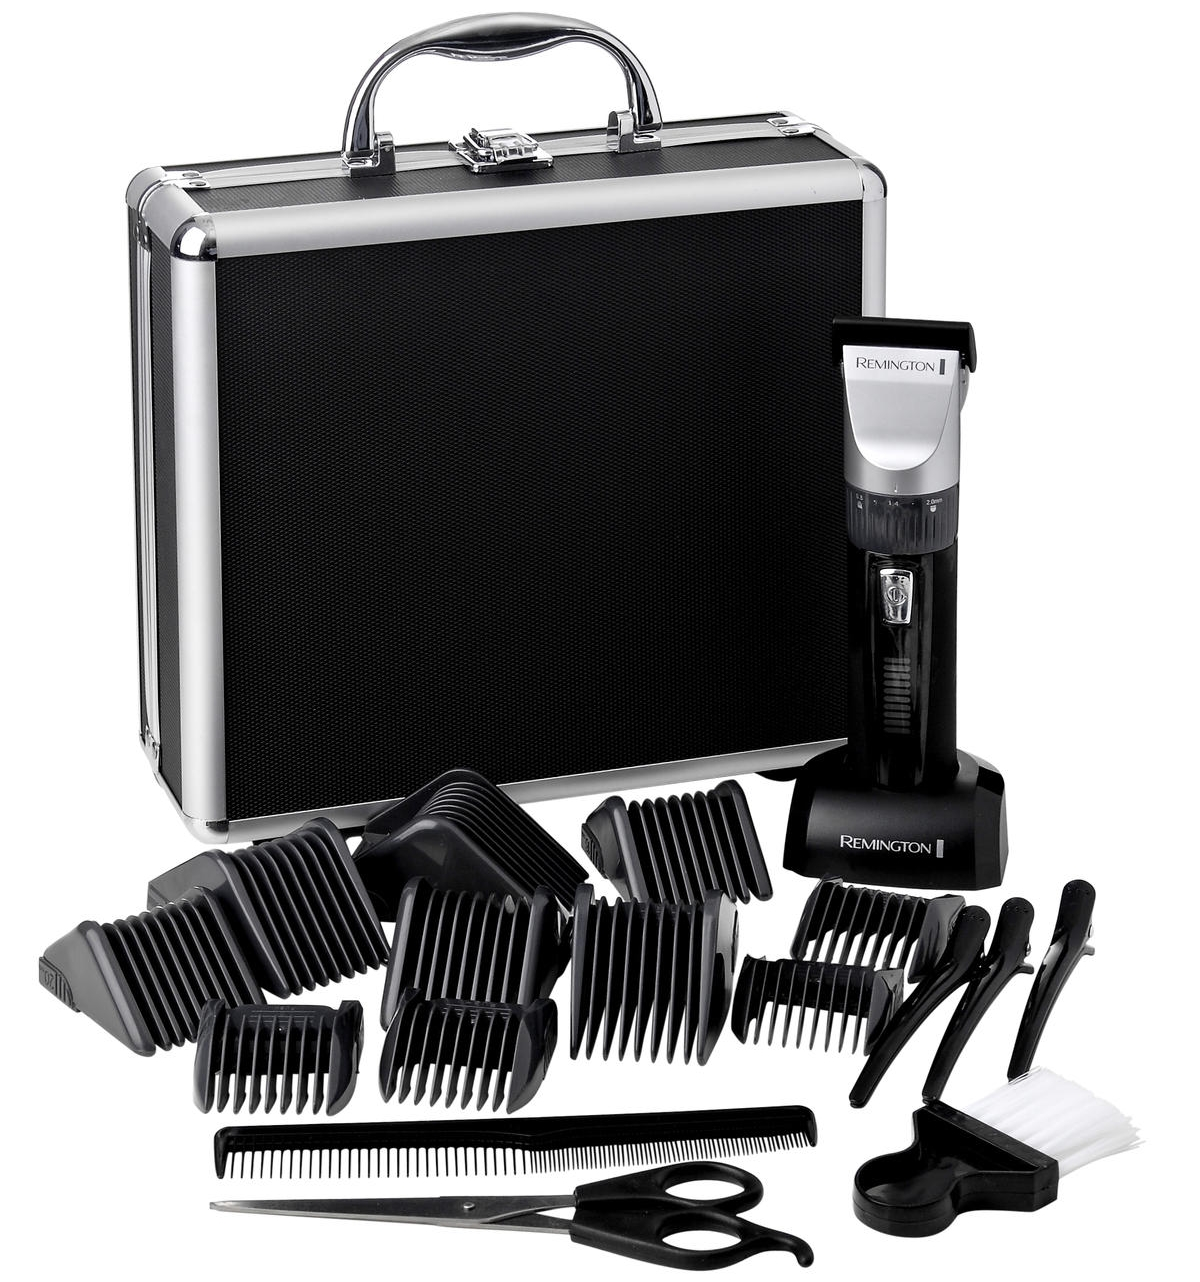 test et avis tondeuse cheveux remington hc5810. Black Bedroom Furniture Sets. Home Design Ideas